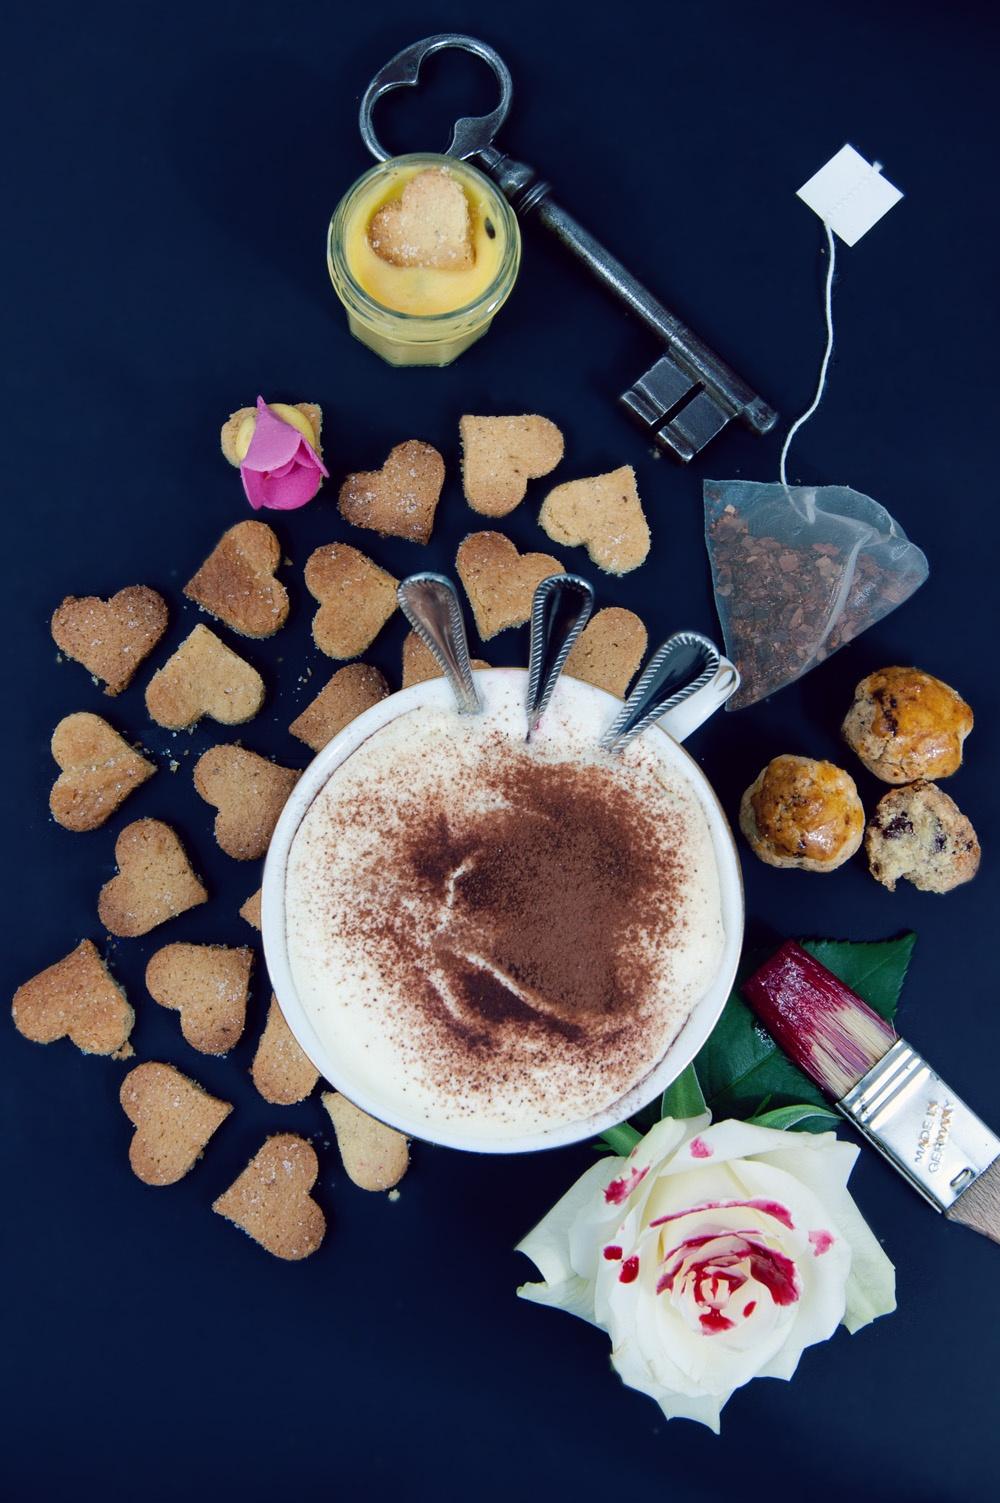 Tea Time in wonderland 15 - Qui a volé les tartes - Studio 2 création